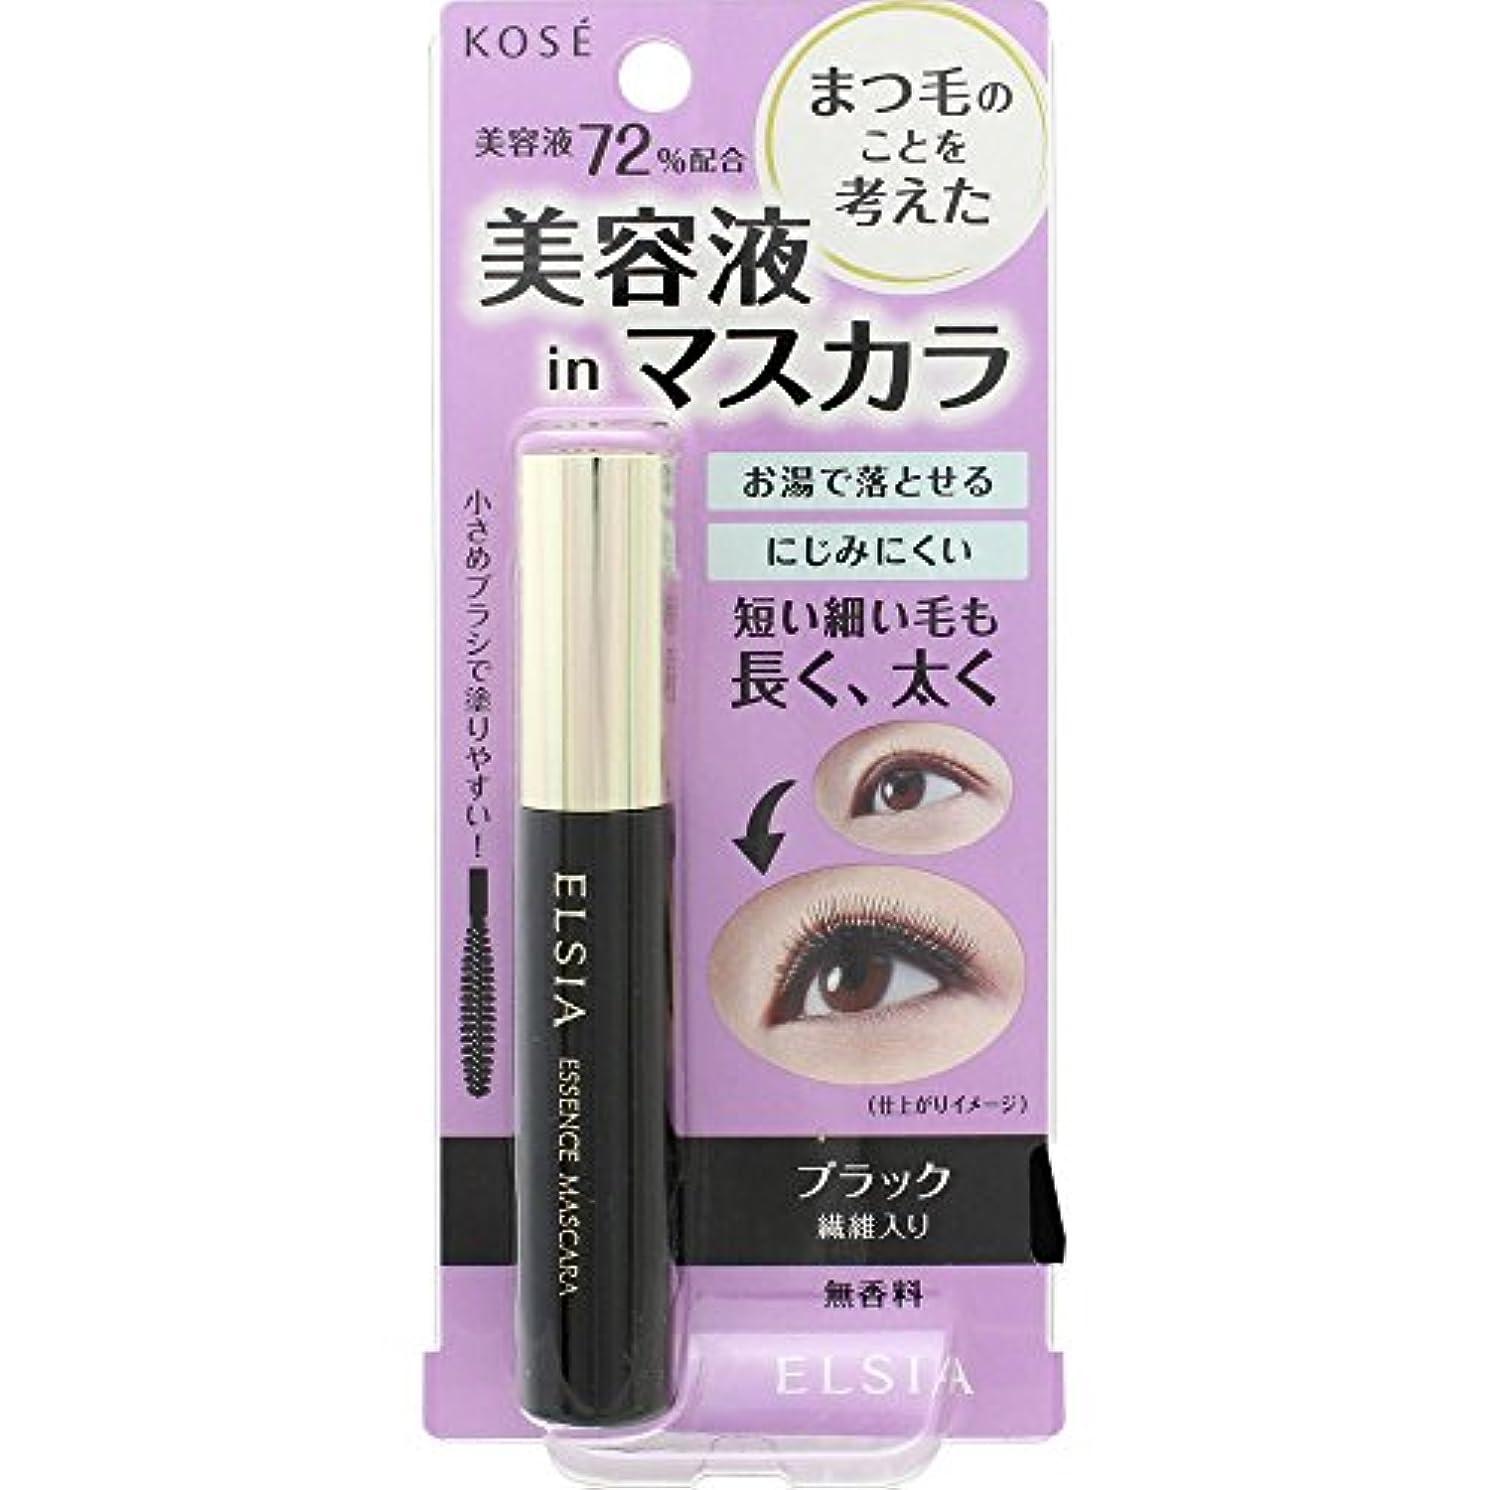 睡眠平和な便宜エルシア プラチナム 美容液マスカラ ブラック 6.5g